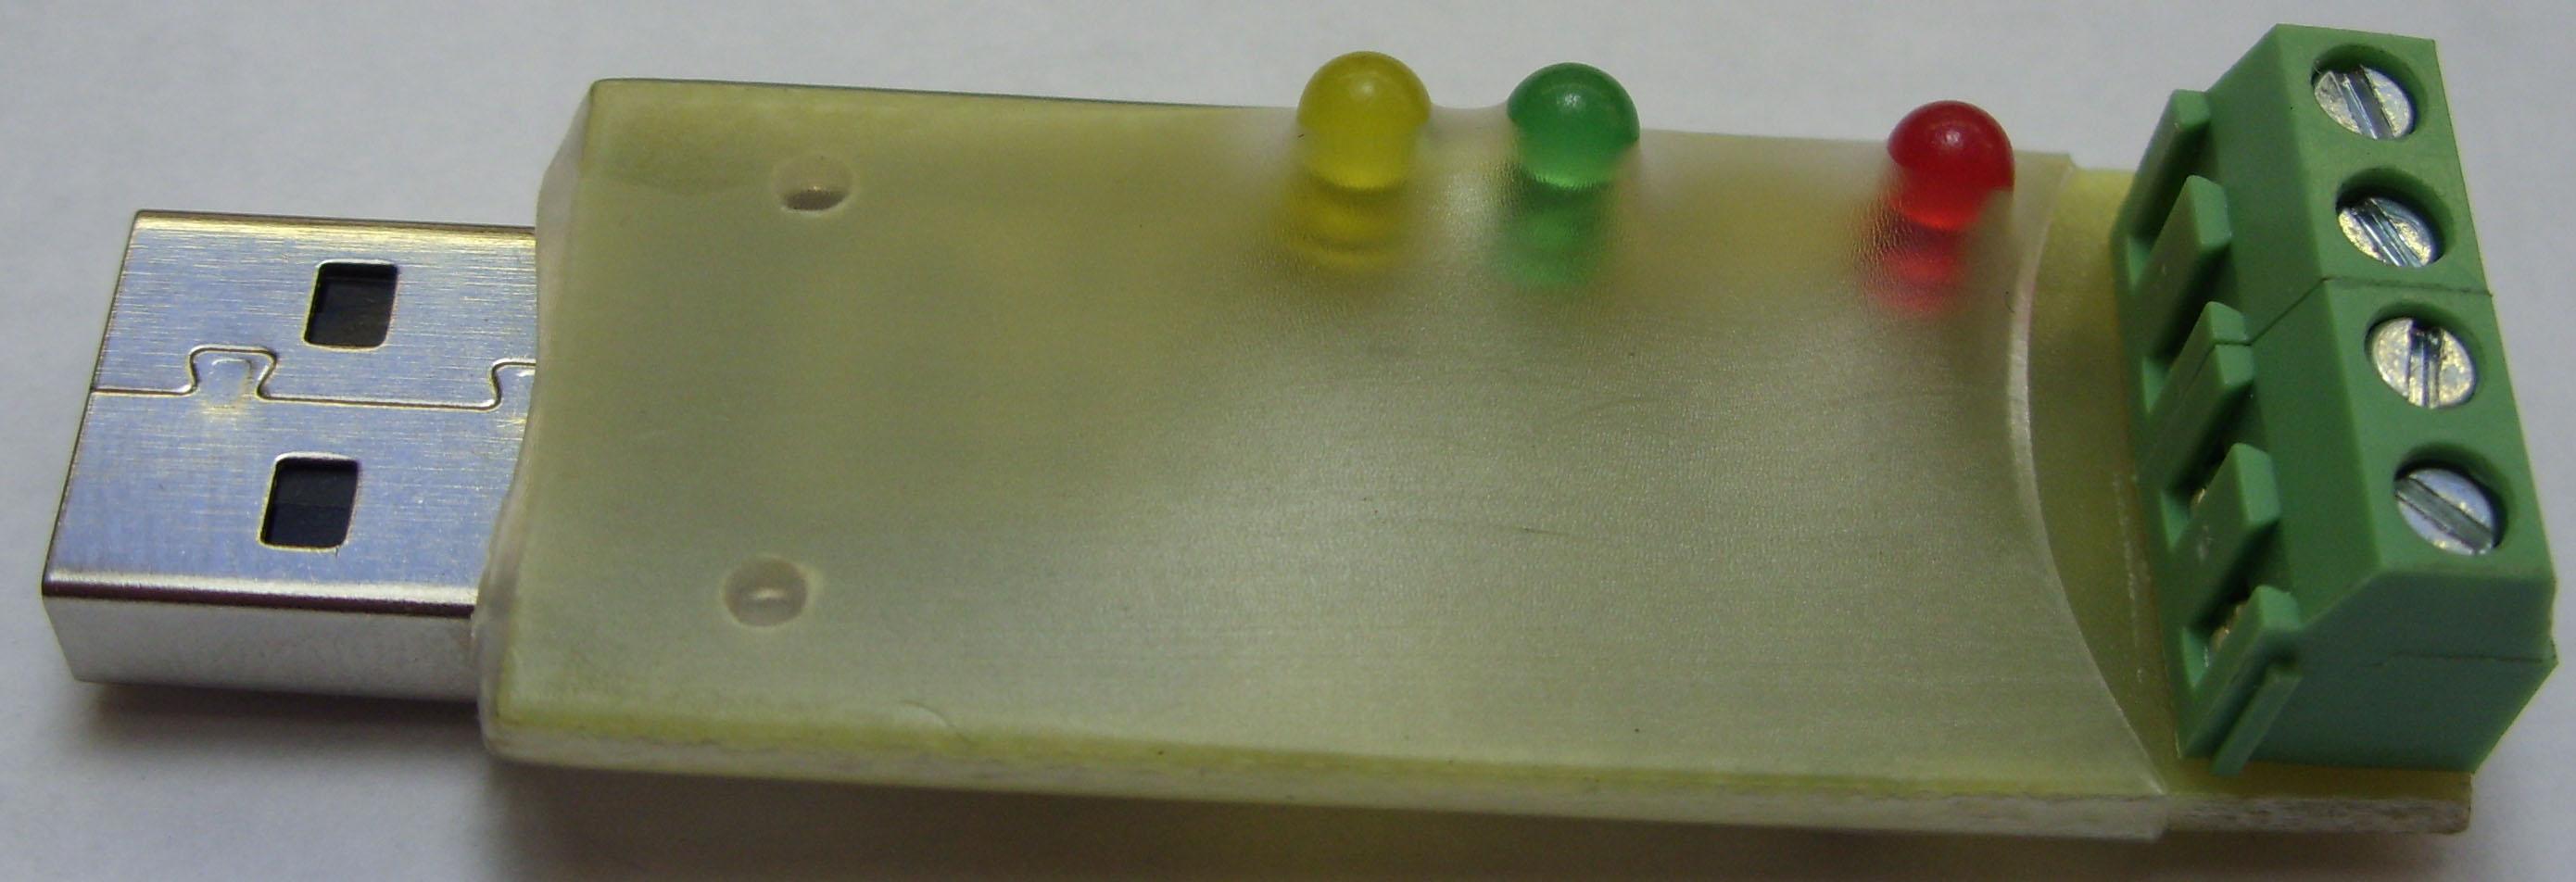 k line адаптер для прошивки схема